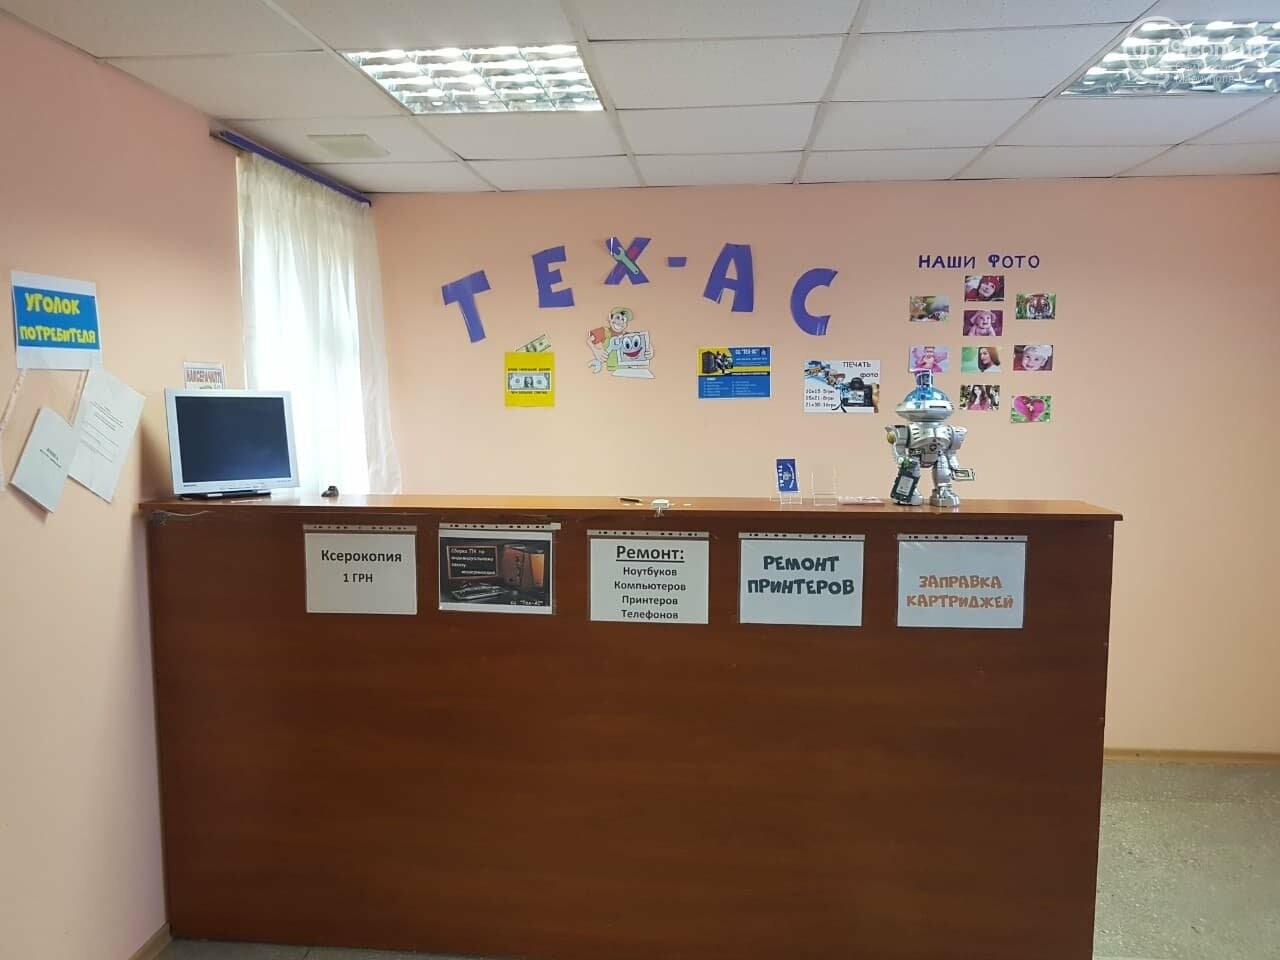 Сервисный центр «Тех-АС»: как сэкономить на ремонте ноутбука в Мариуполе, фото-5